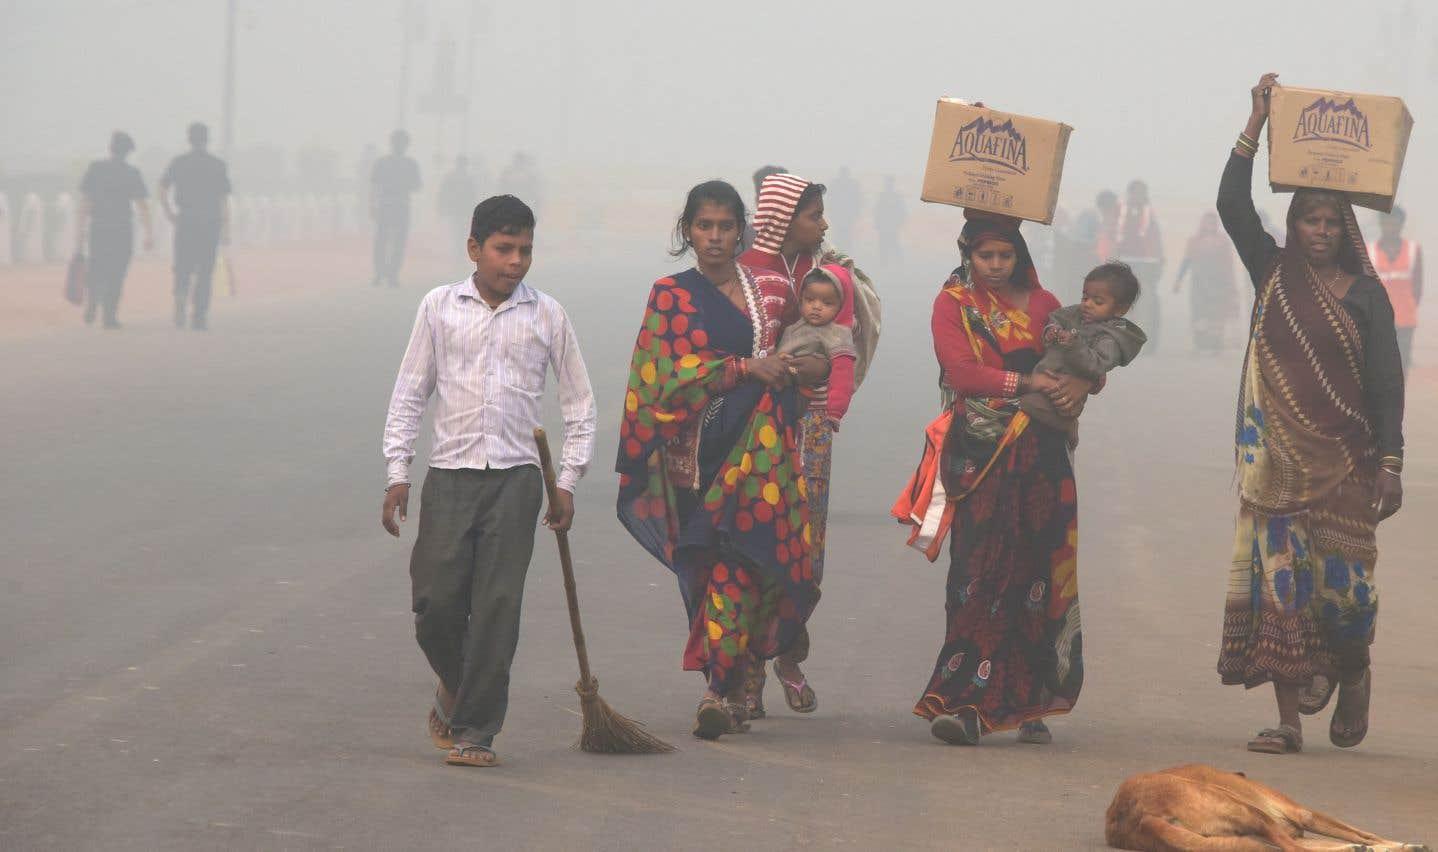 La pollution continue de suffoquer le nord de l'Inde et du Pakistan